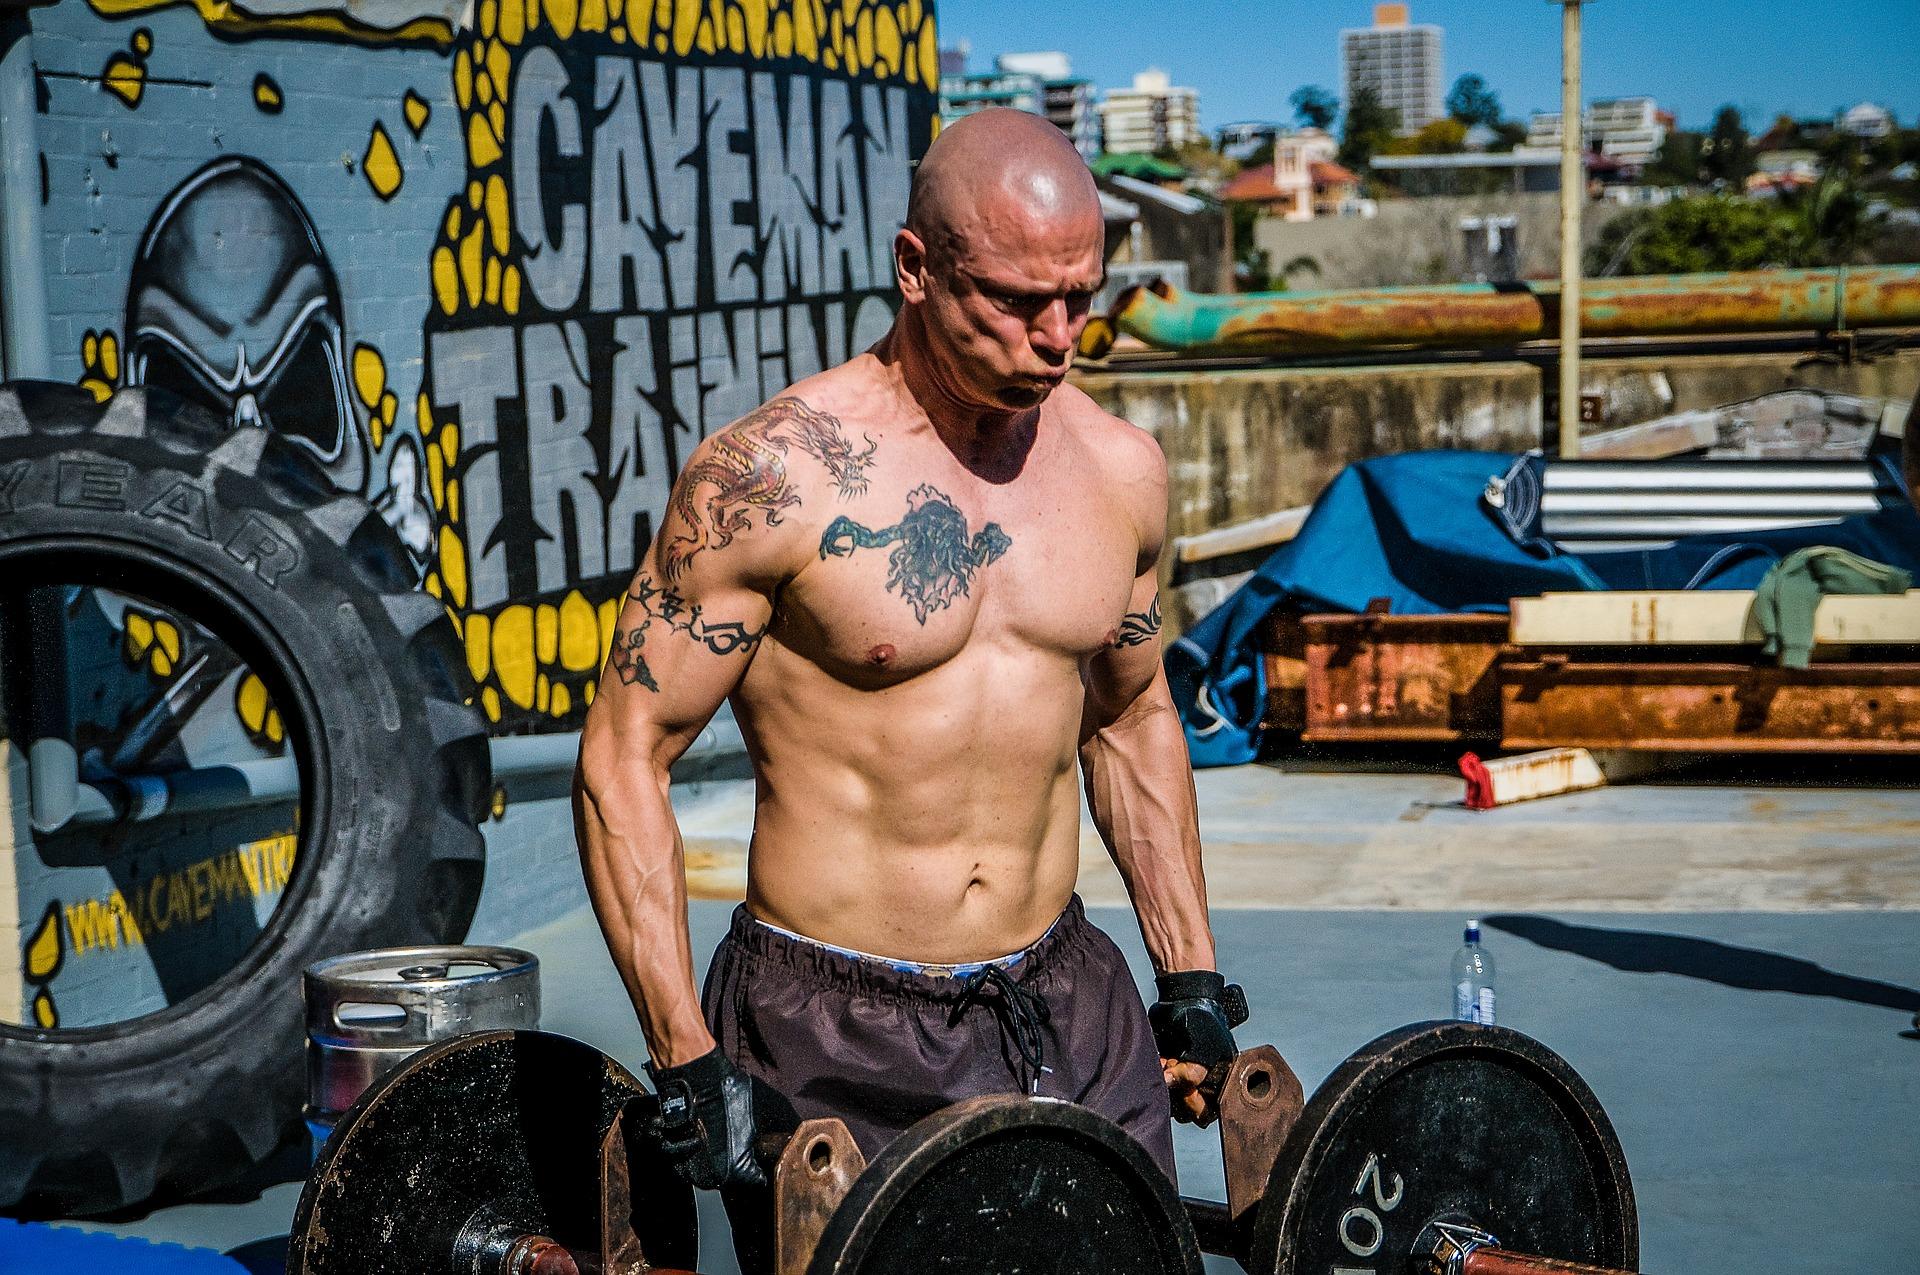 Um homem está em um local aberto fazendo exercícios físicos. Ele está fazendo levantamento de pesos maiores. Ele está sem blusa e usa luvas pretas nas mãos.